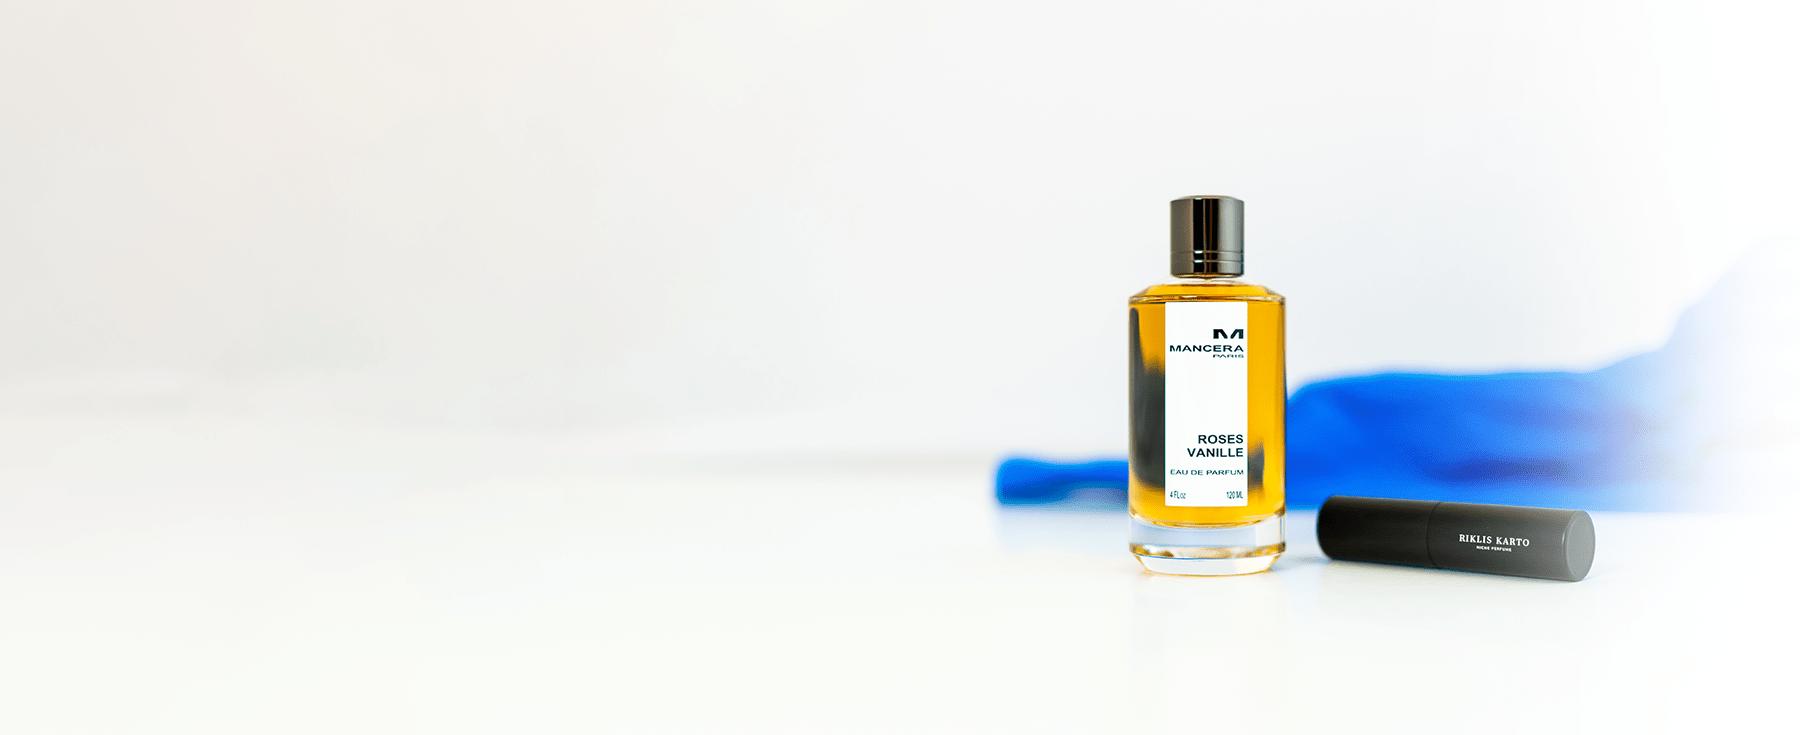 Ontdek de wereld van niche parfum voor 22 euro per maand